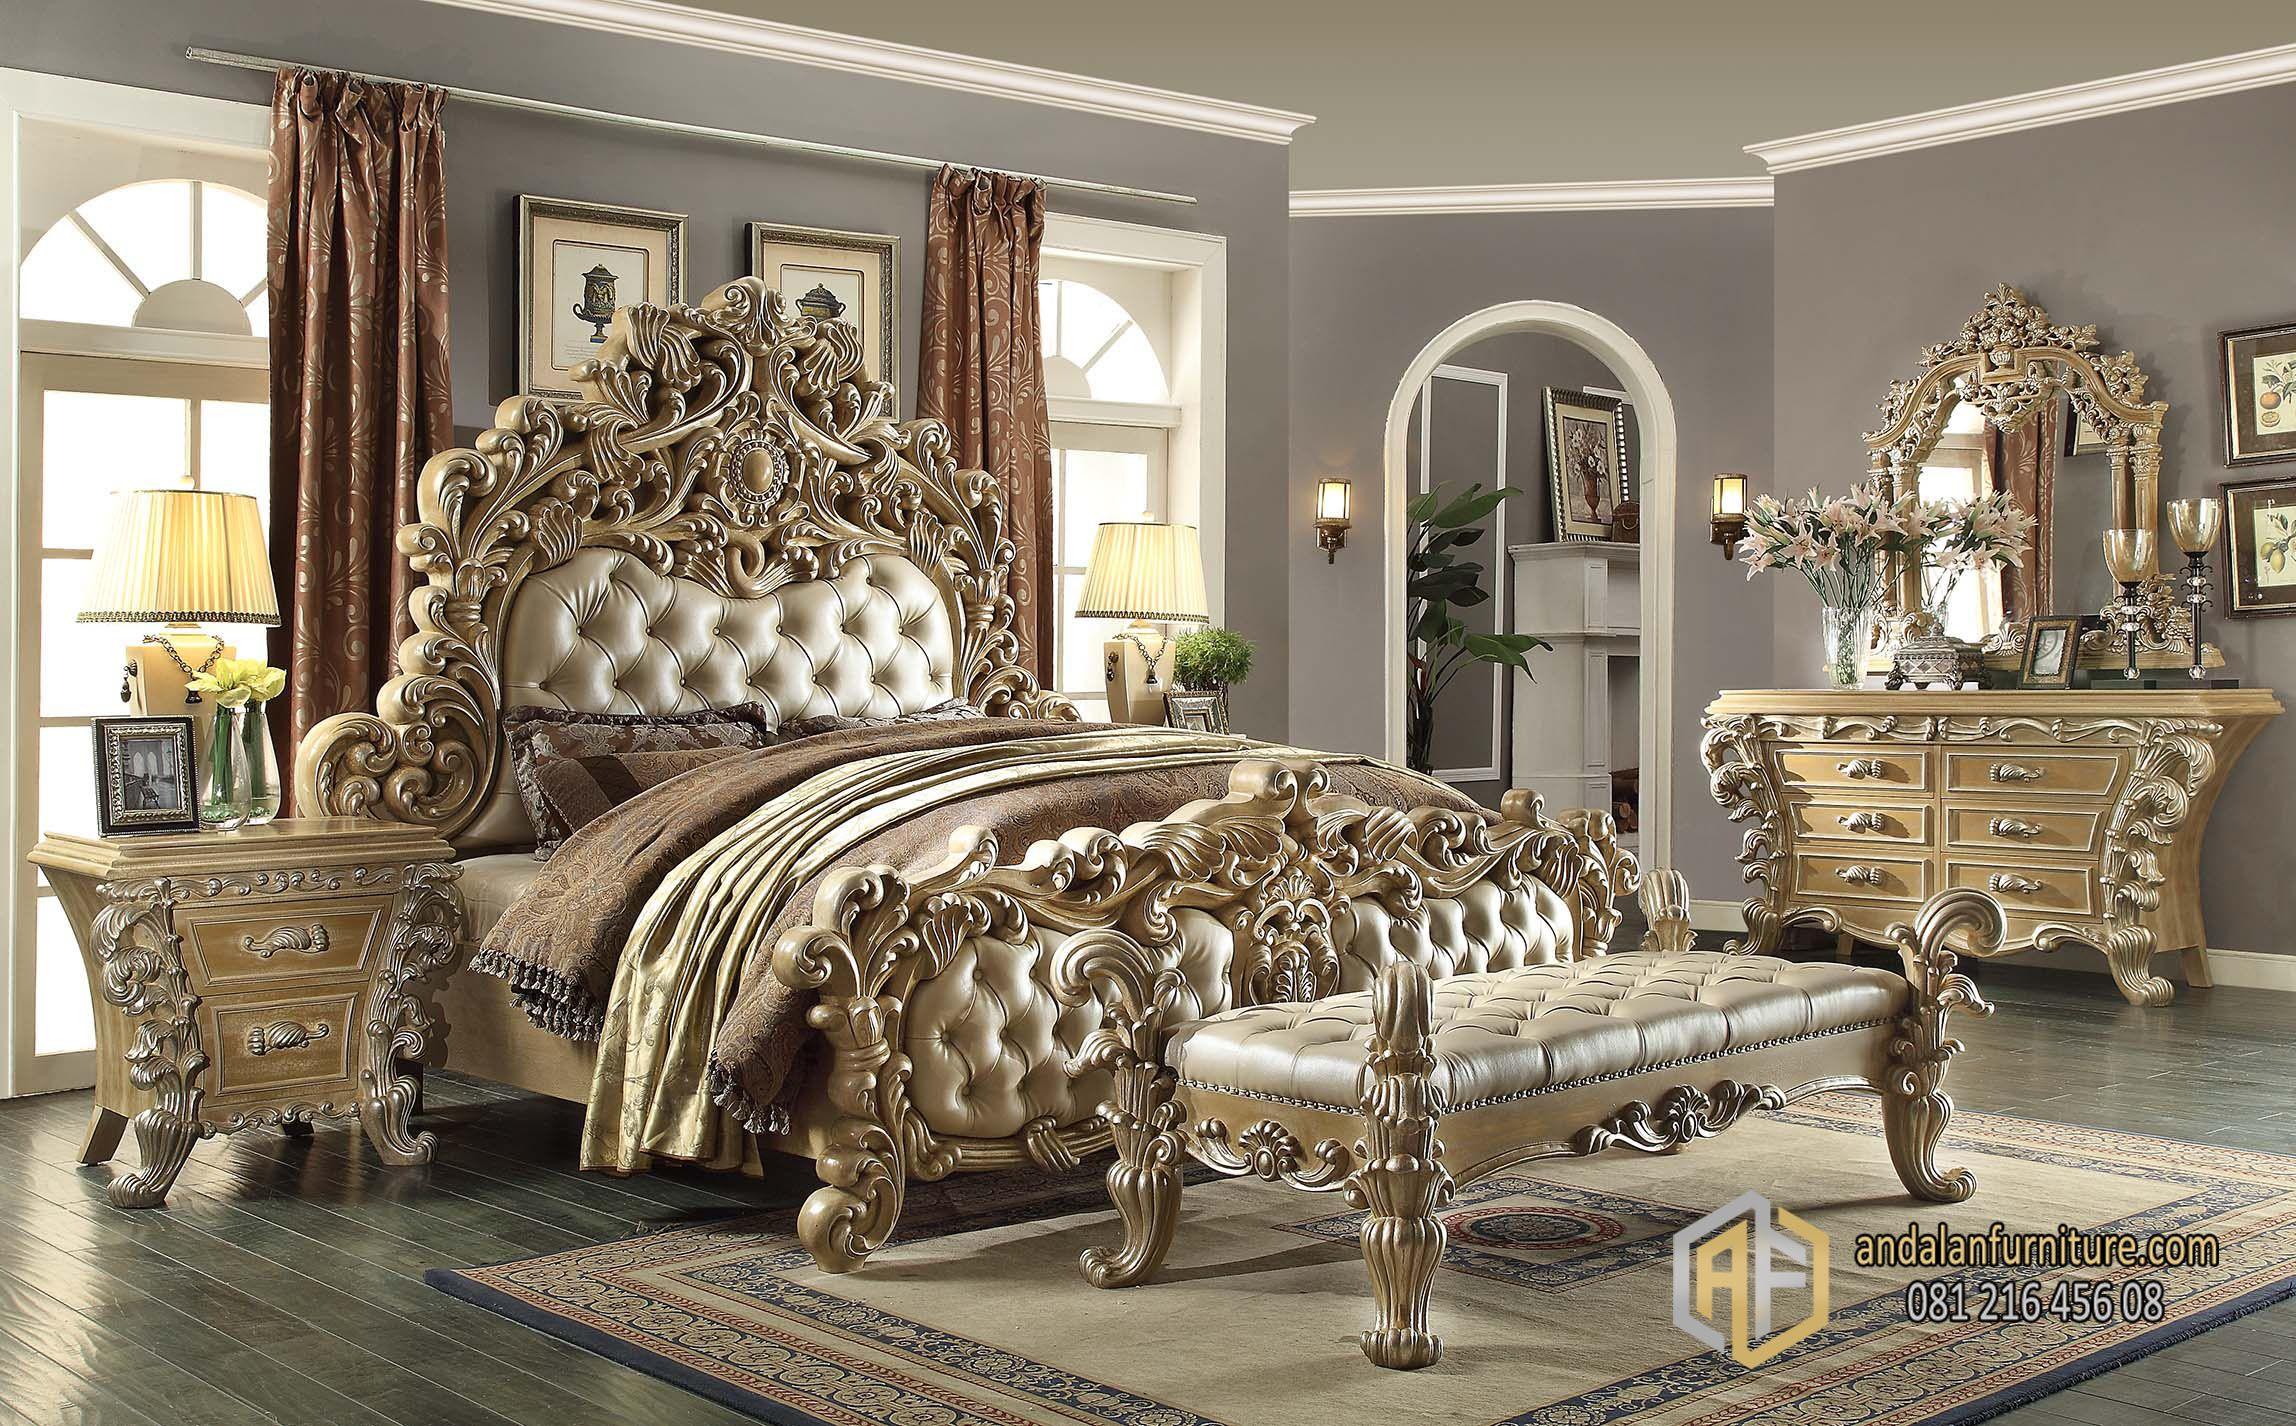 Kamar Tidur Mewah Satu Set Eksklusif Jepara Indah Furniture